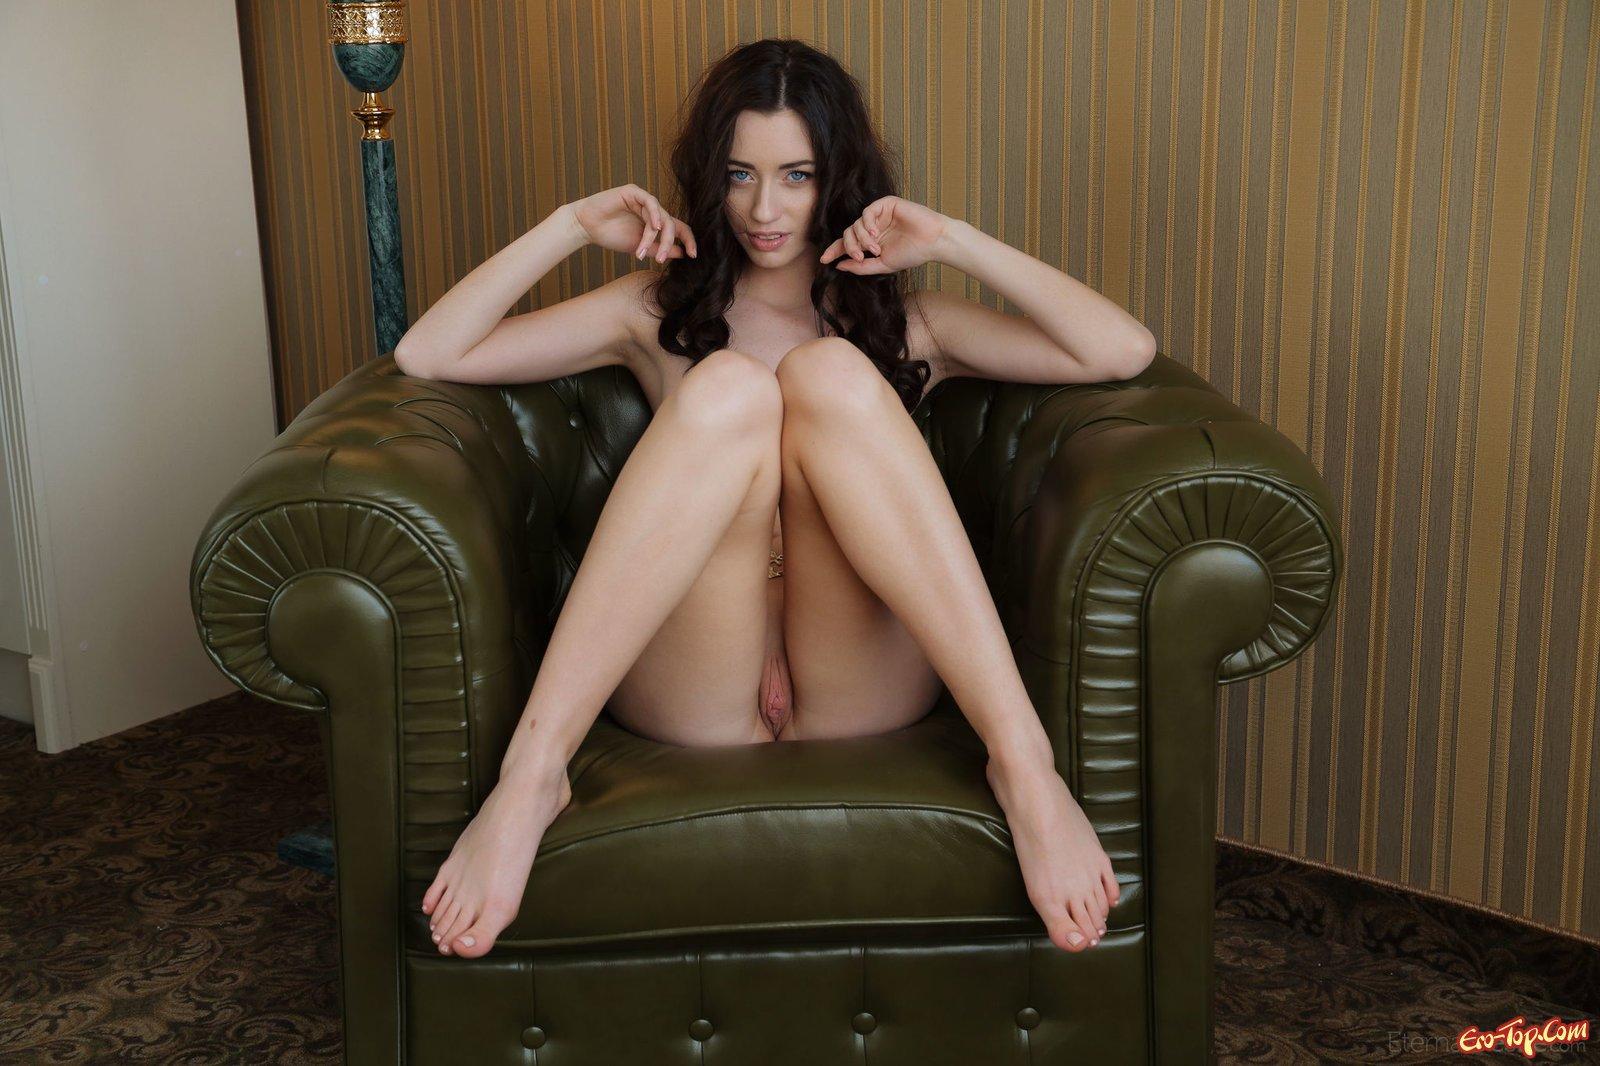 Голая блядь с изящной сракой красуется в кресле смотреть эротику